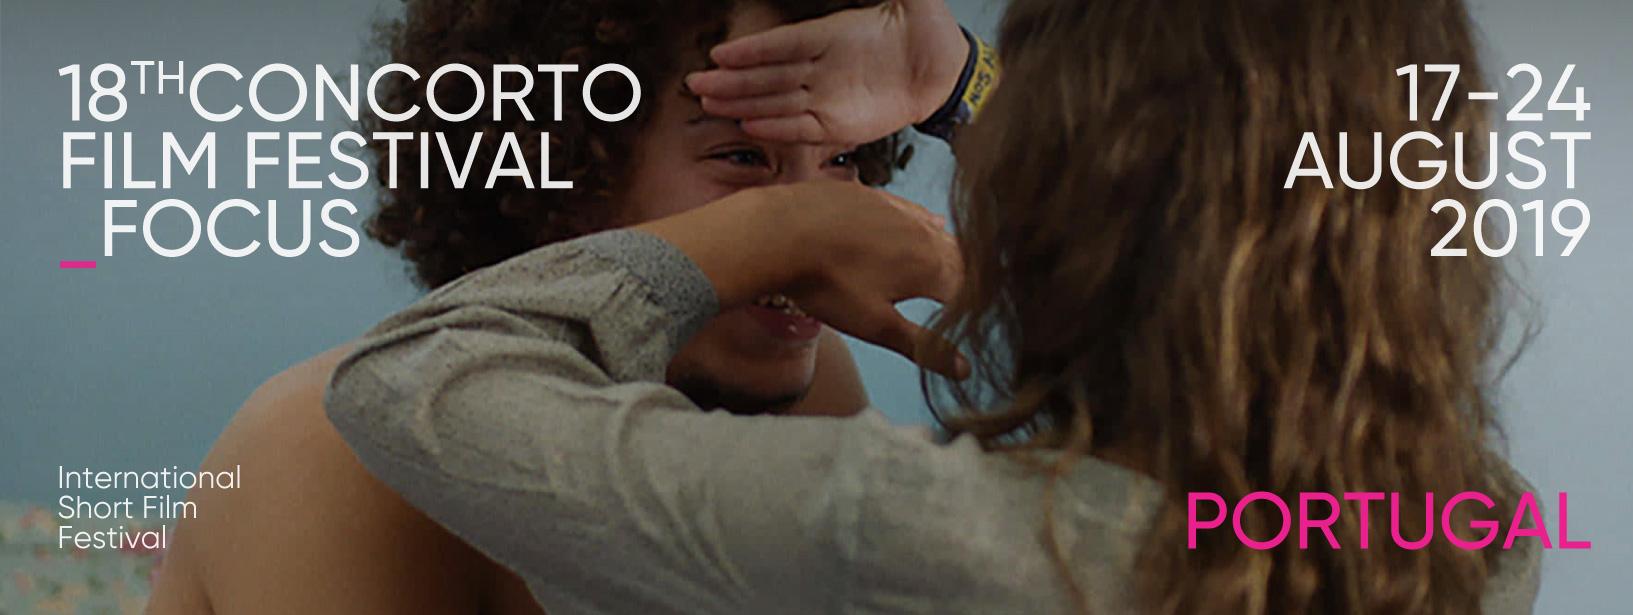 Concorto, Autore a Concorto Film Festival